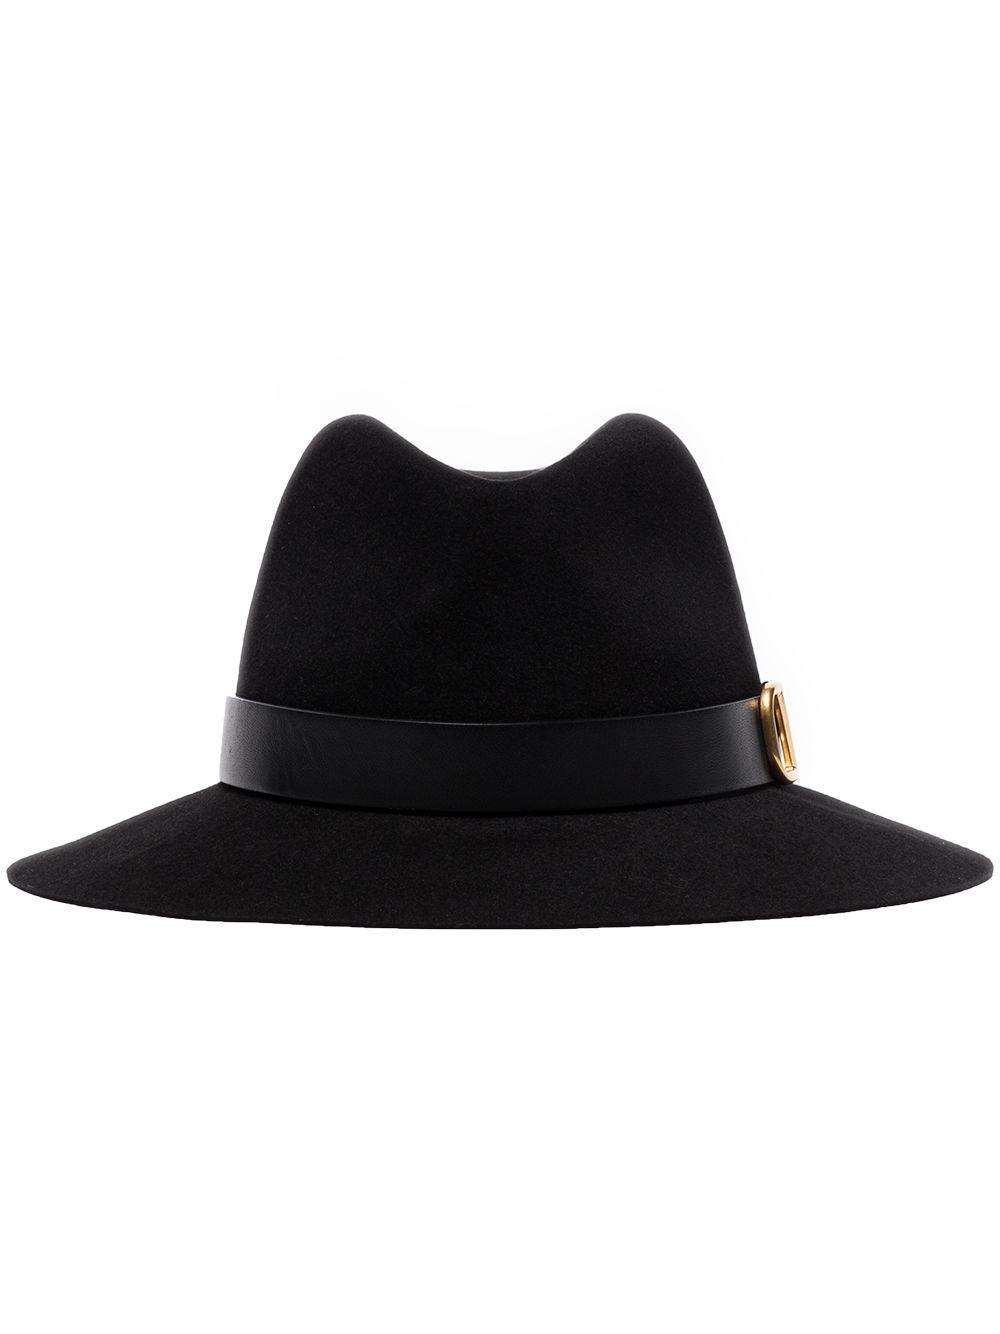 Cappello fedora vlogo signature